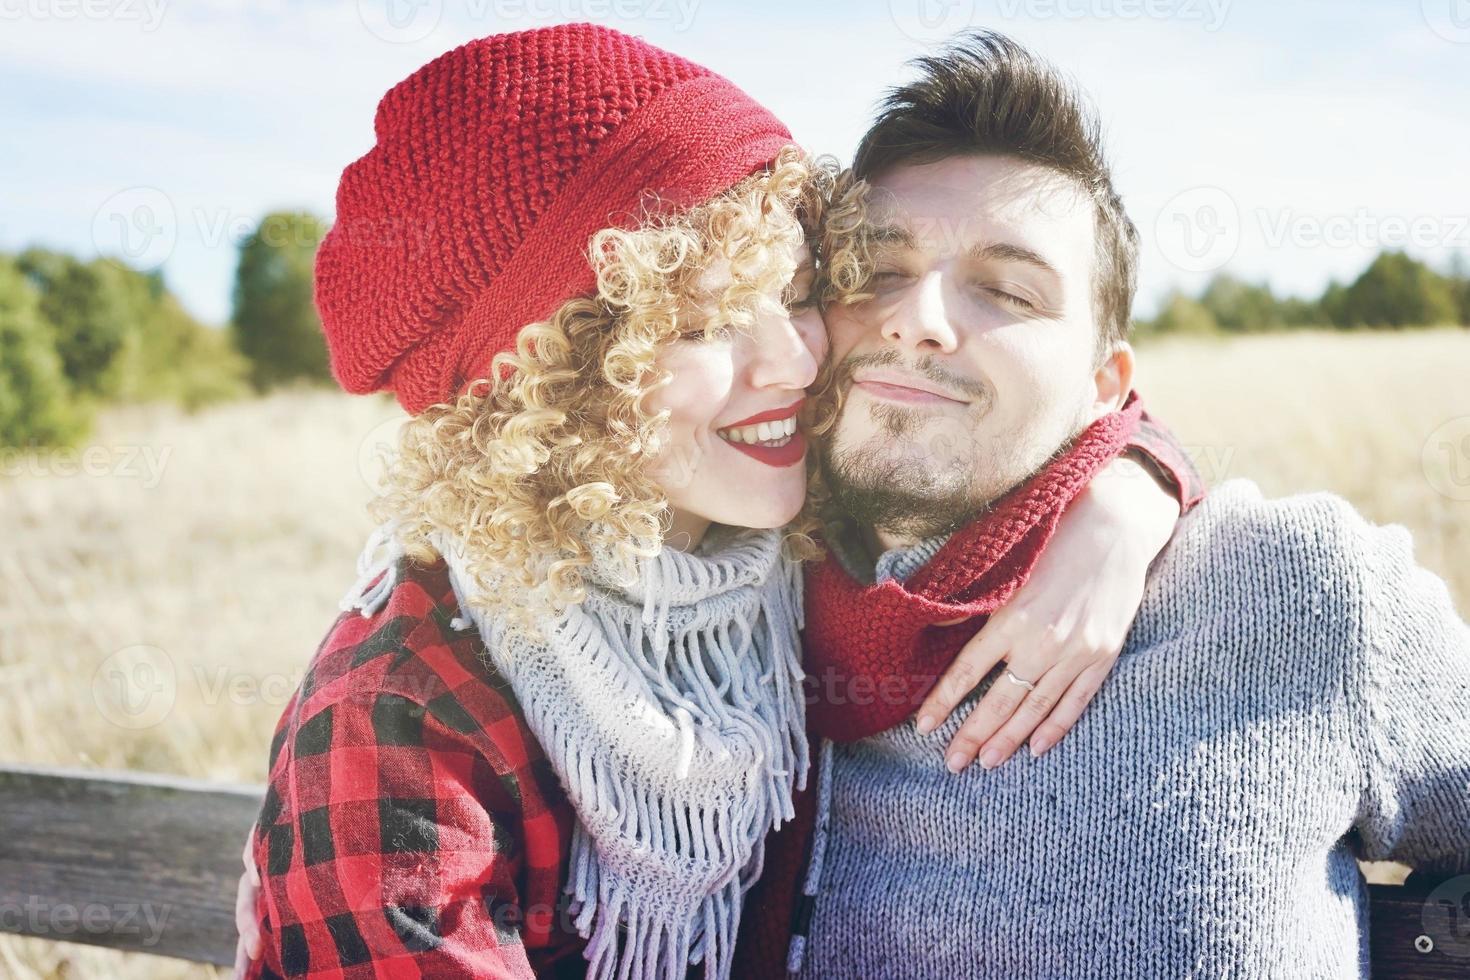 Romántica pareja joven de una hermosa mujer rubia con cabello rizado y con un gorro de lana roja abraza a su novio y un hombre guapo al aire libre foto